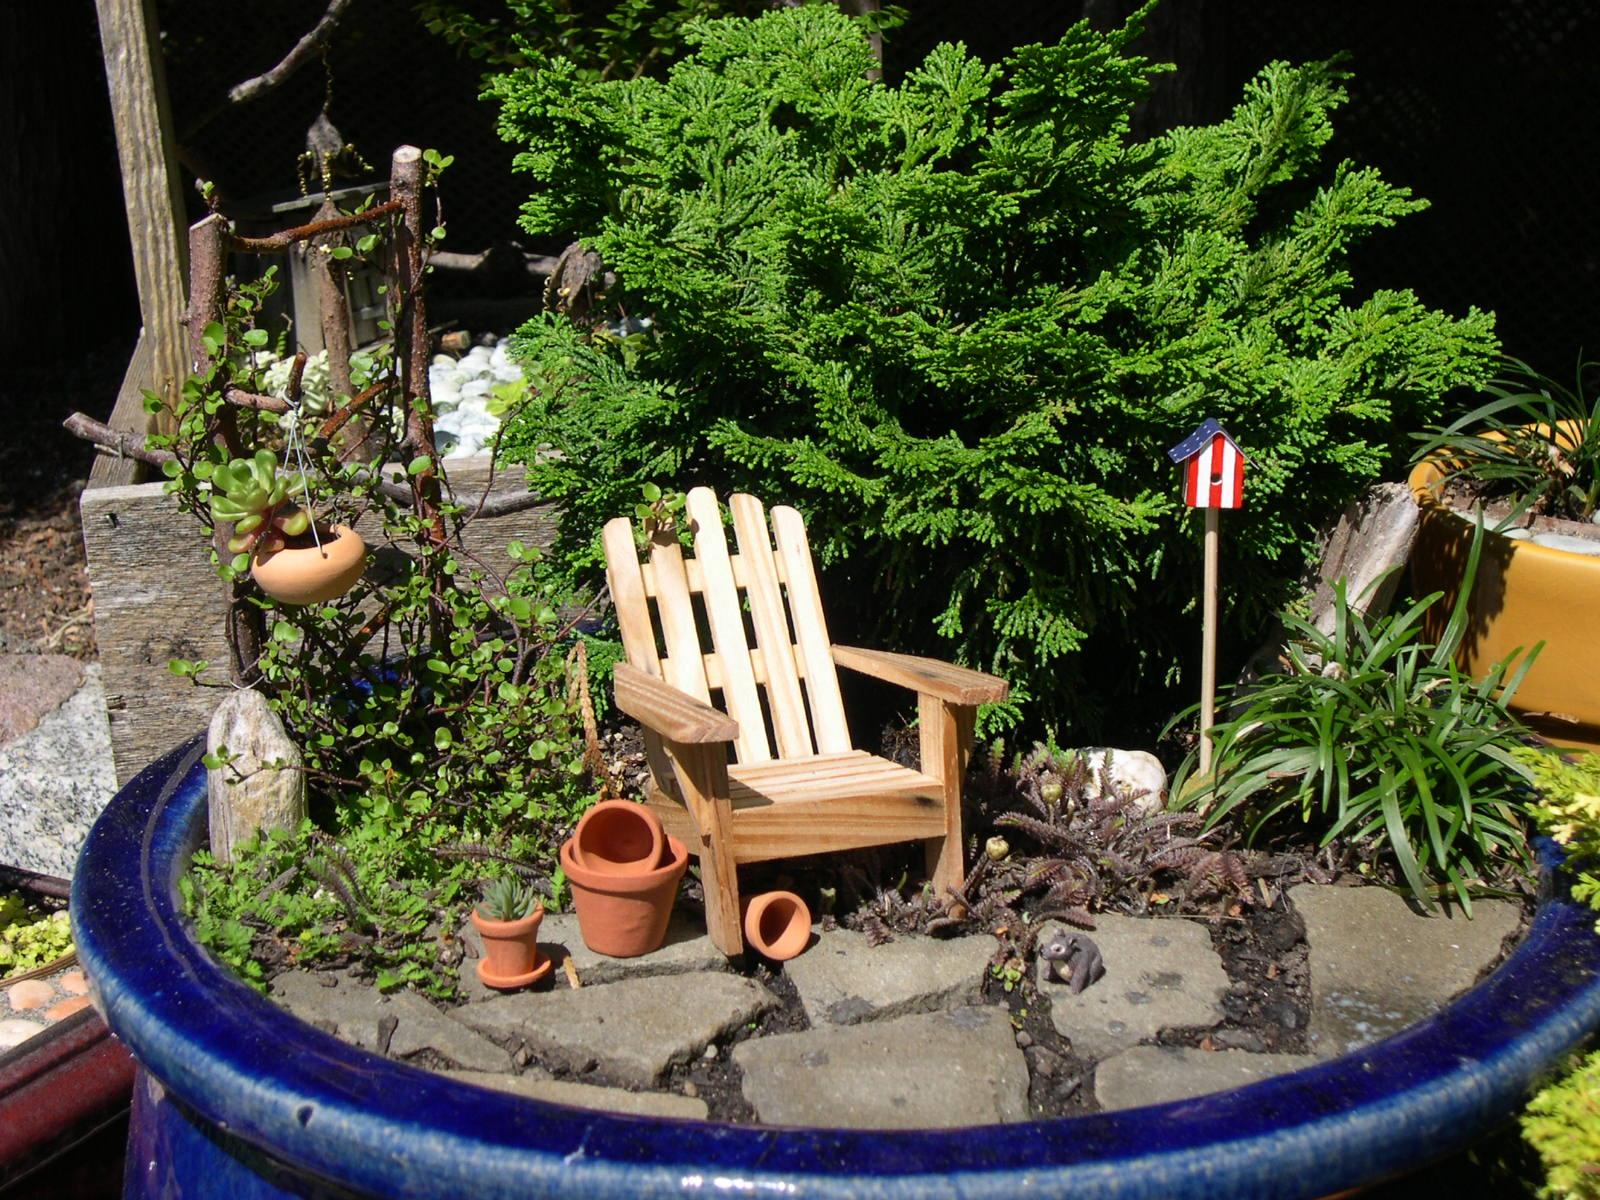 A Peaceful Miniature Garden Scene